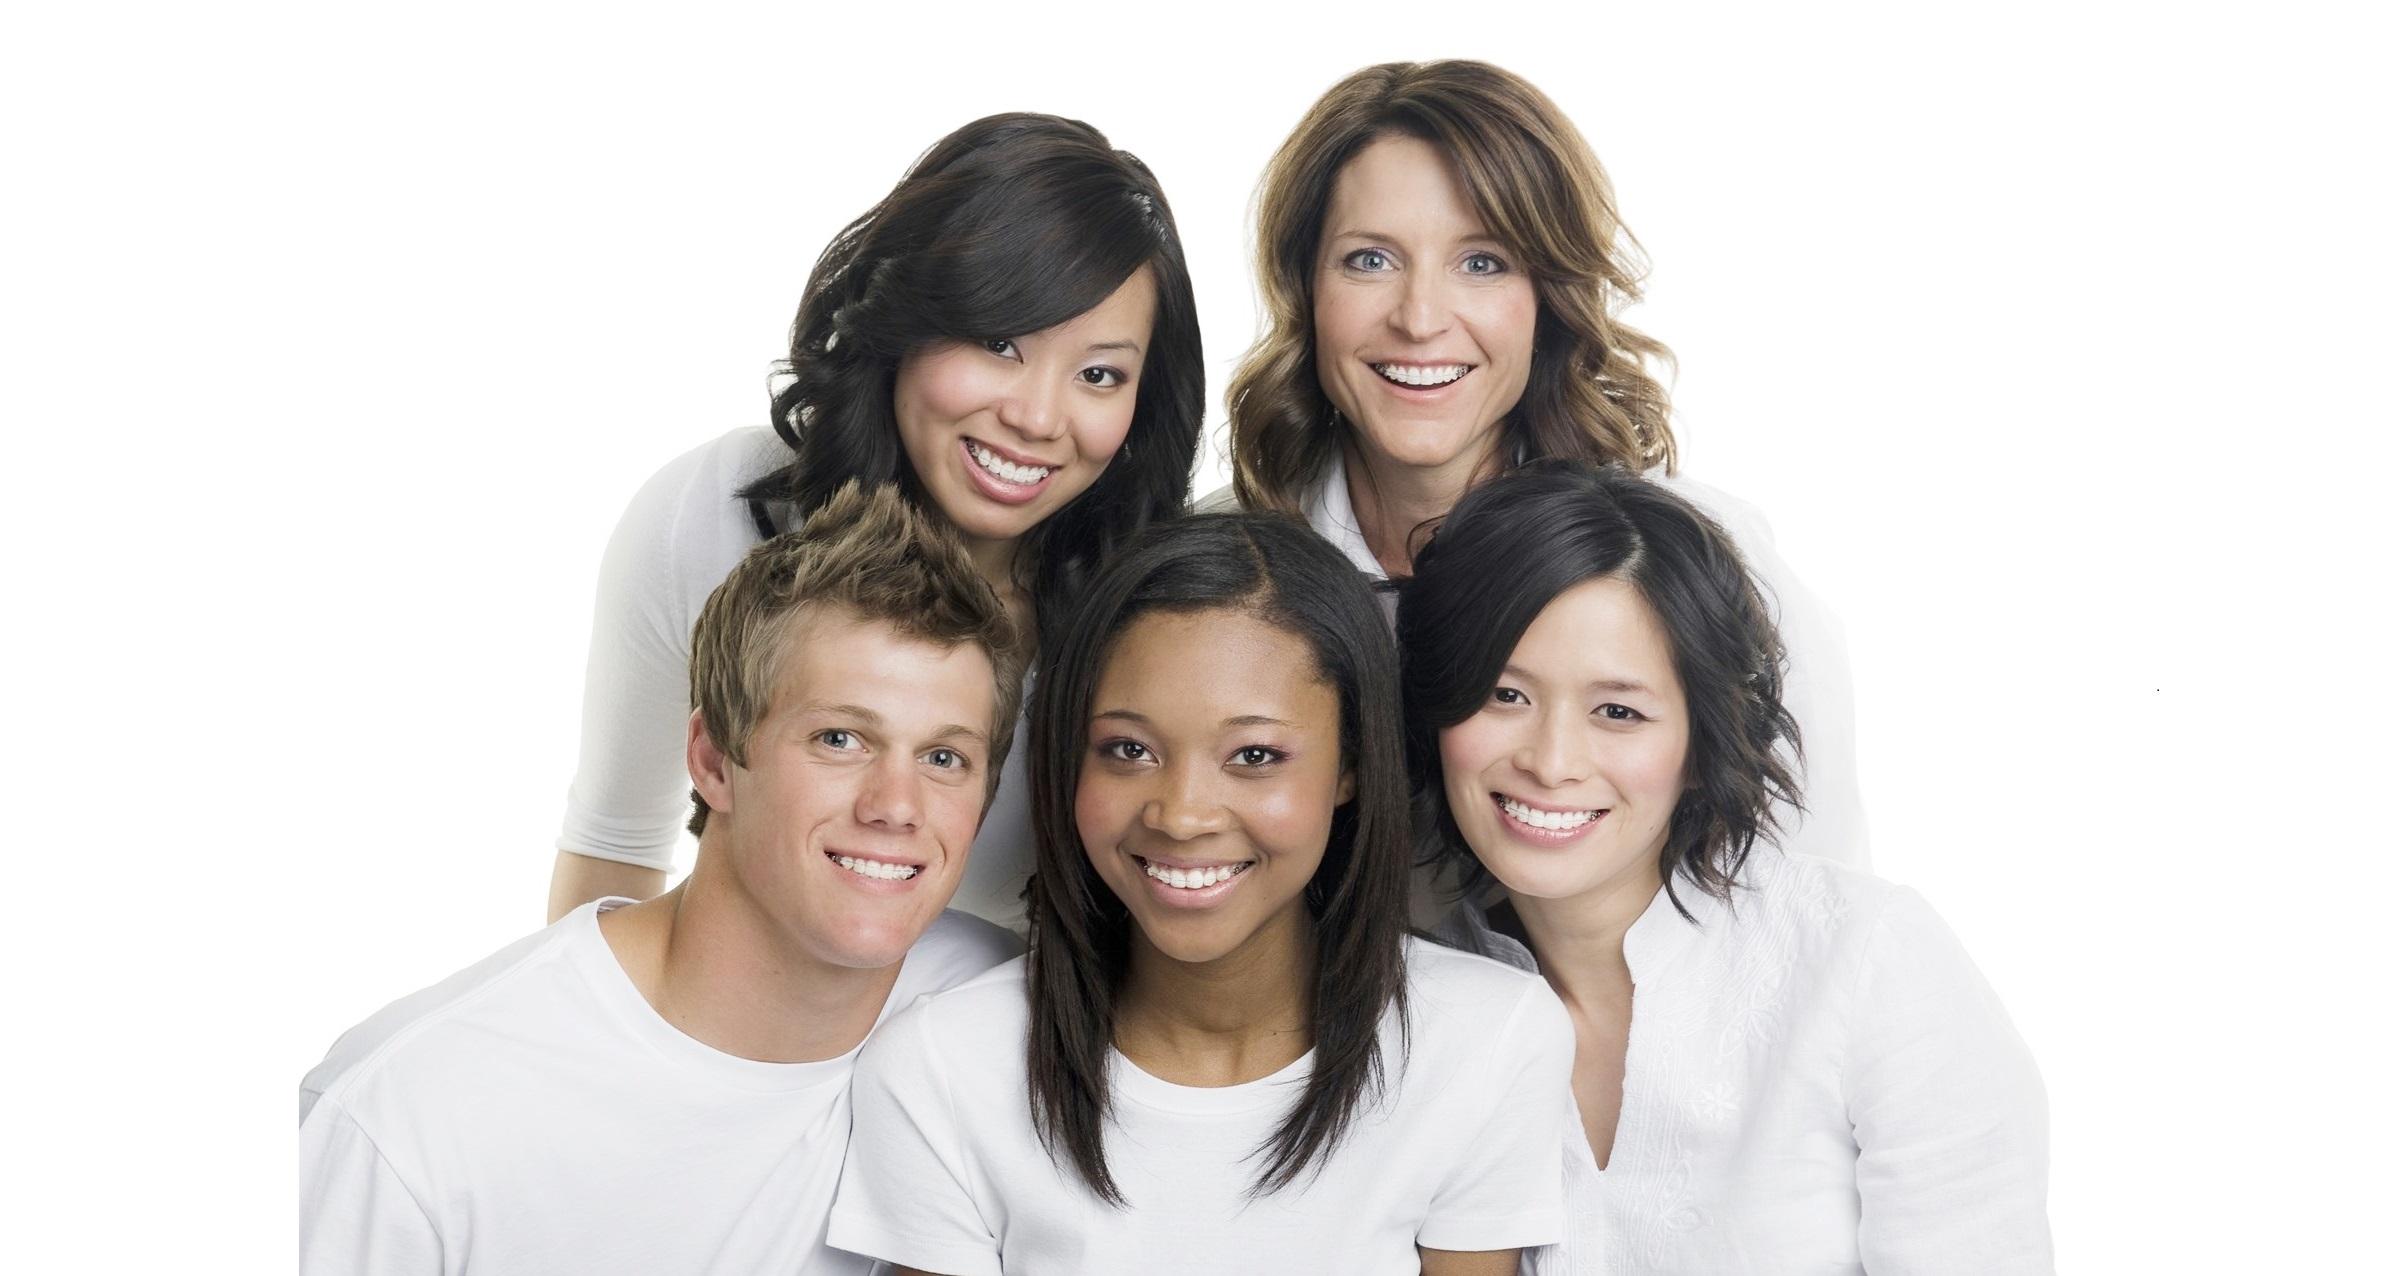 Orthodontist-cool牙-braces-invisalign-箍牙-牙齒矯正-隱適美-damon-矯齒-中環牙醫-沙田牙醫